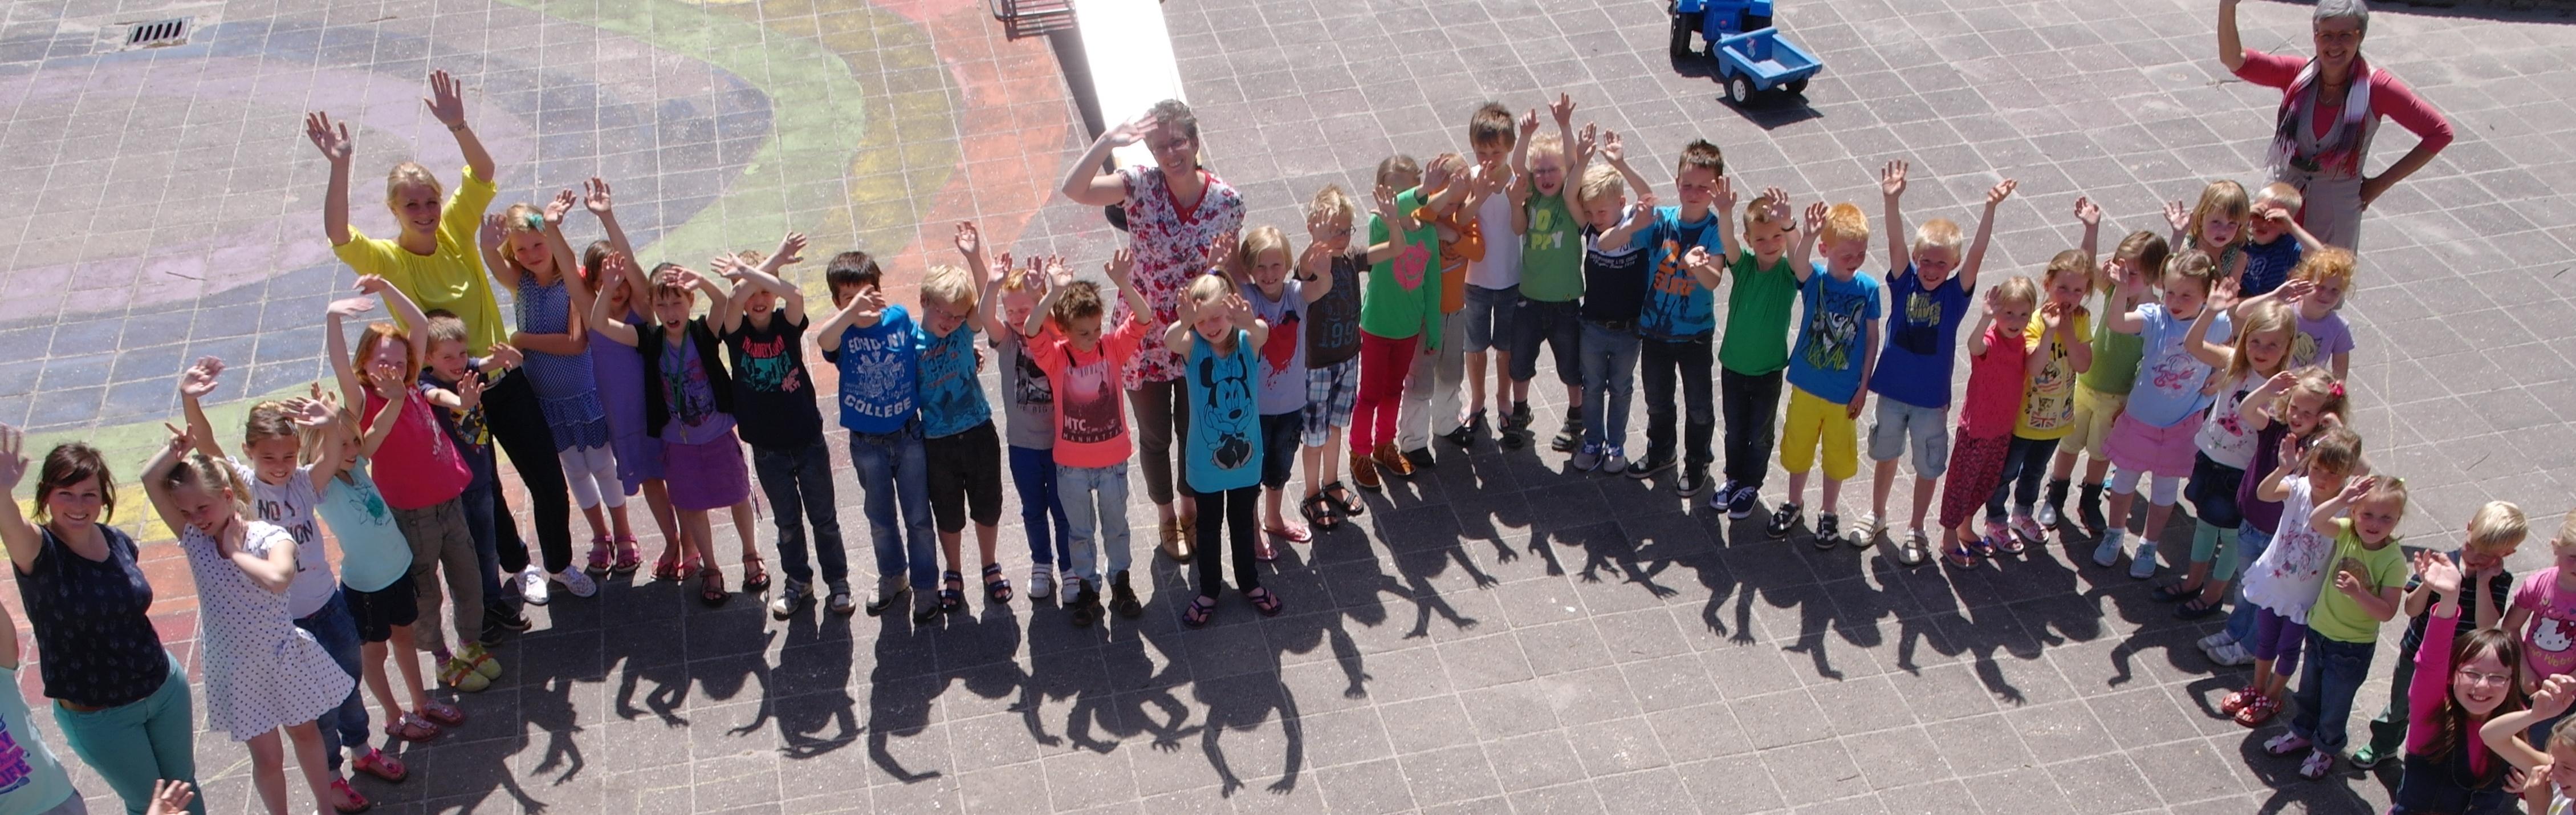 Basisschool De Fontein Krimpen Aan Den Ijssel.Basisonderwijs Scholenkeuze